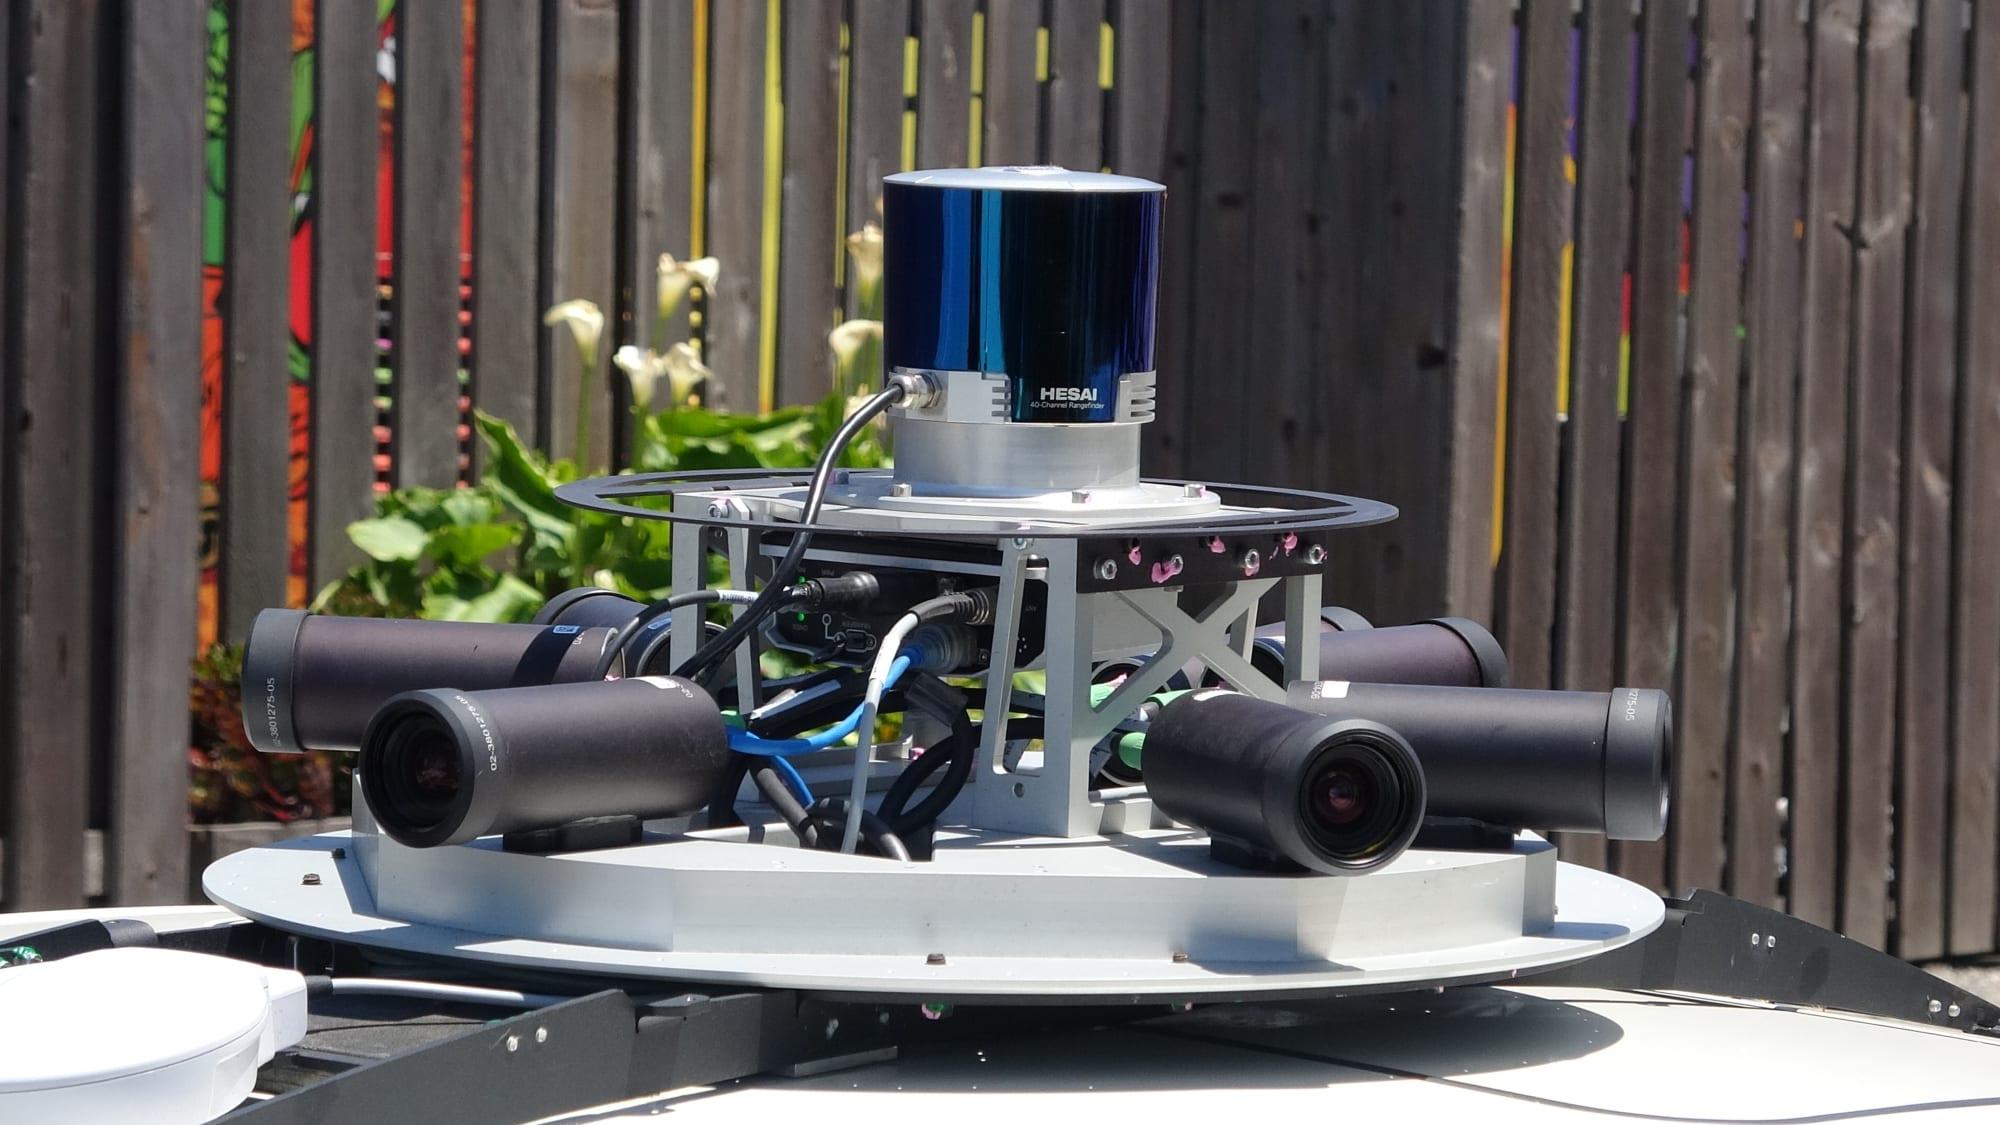 Luminar's cheap LiDAR could be a big boost for autonomous vehicles